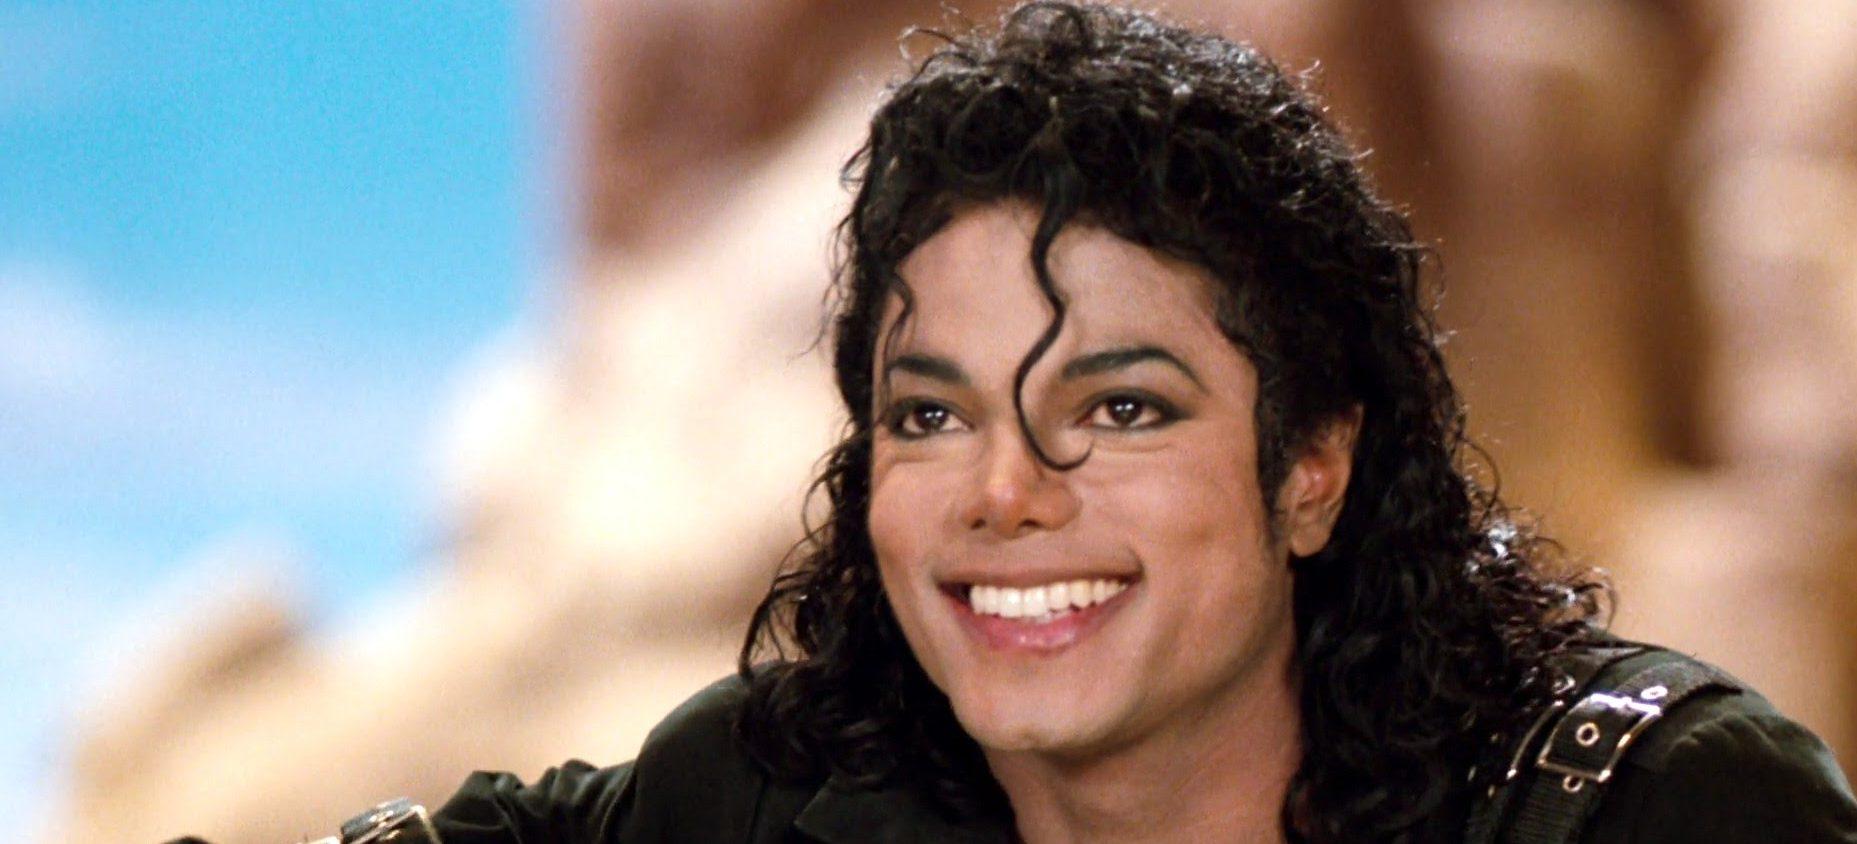 مایکل جکسون(خواننده)